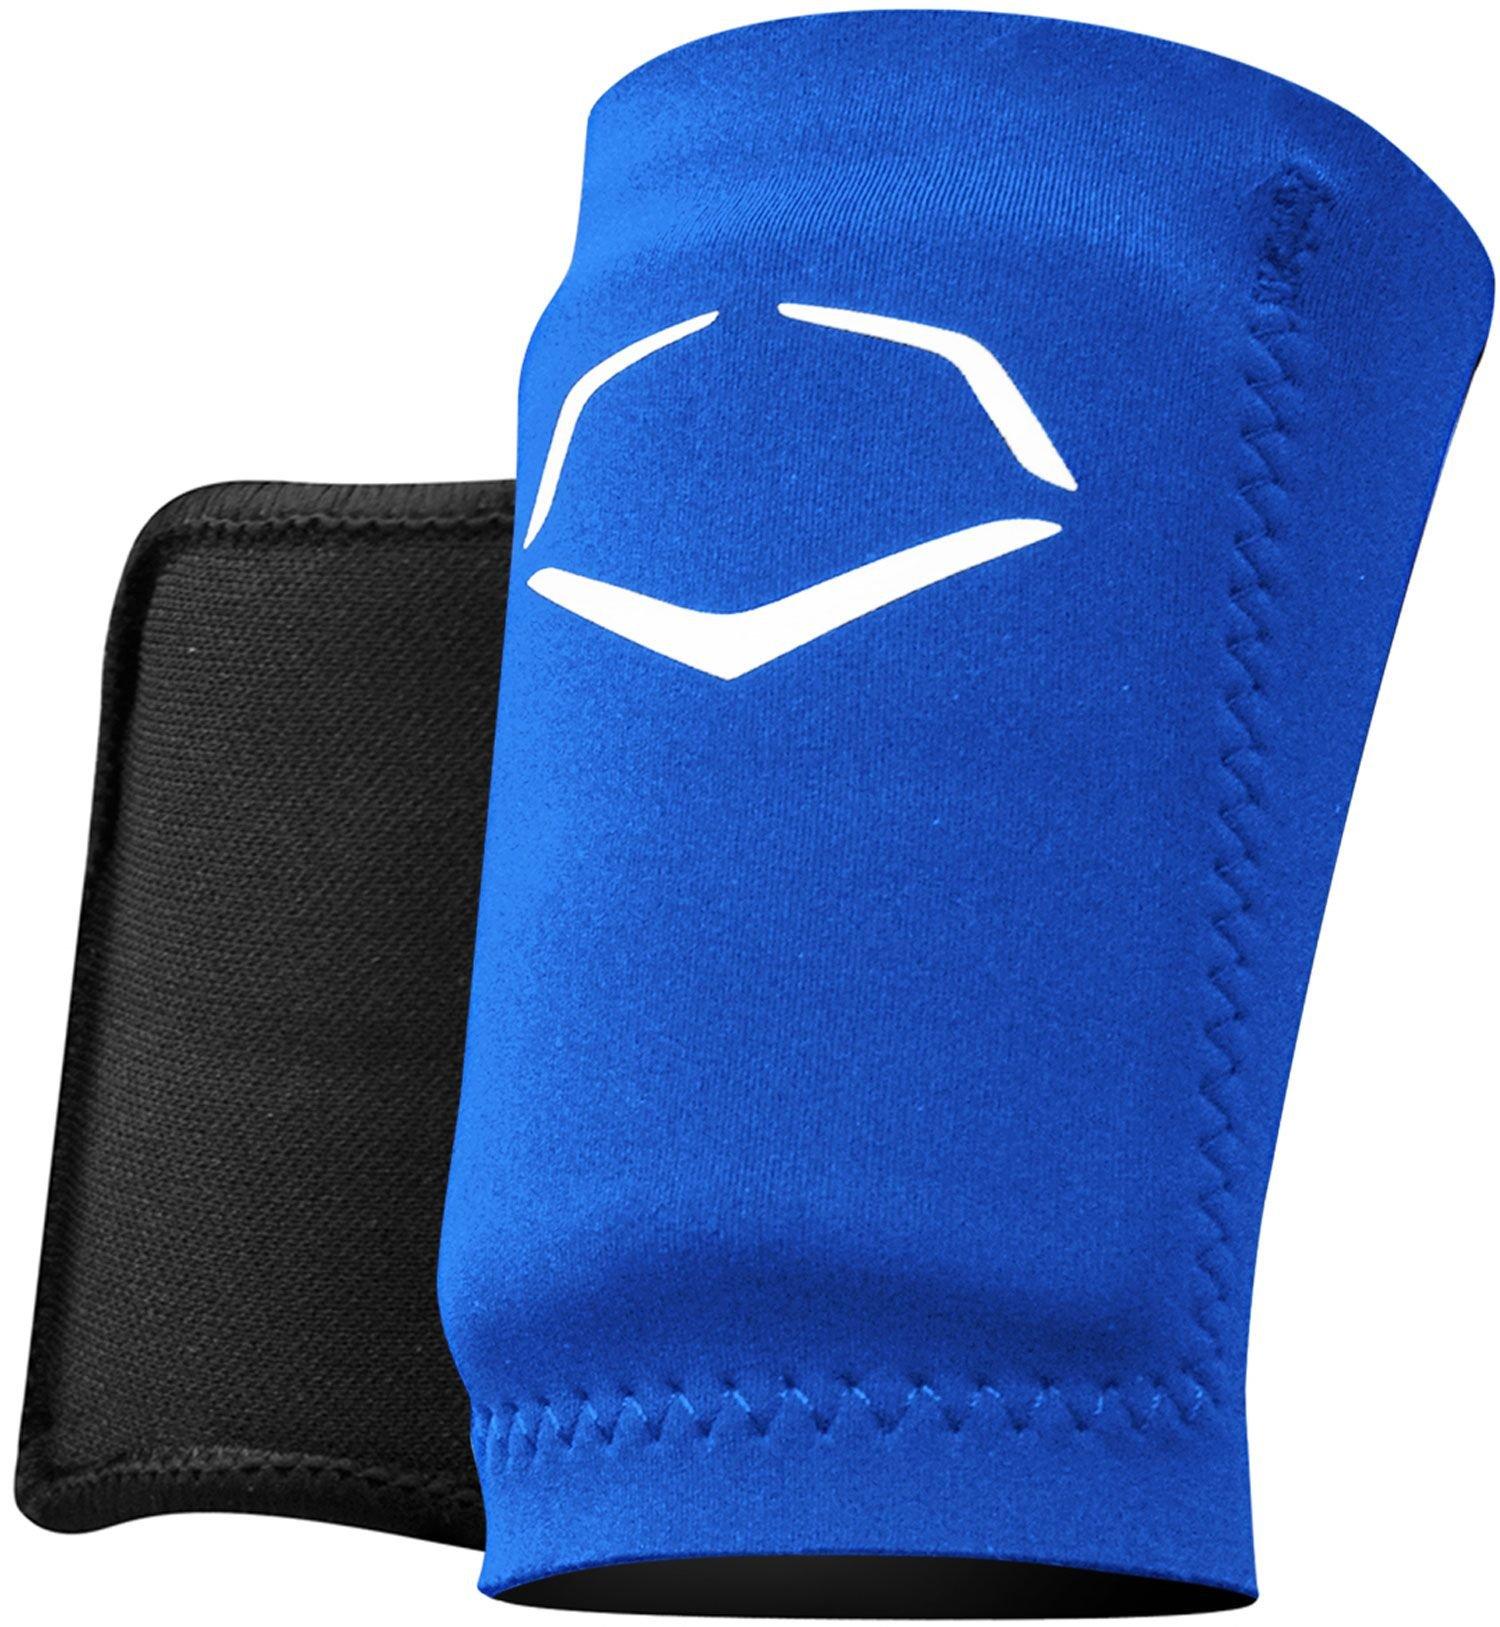 EvoShield Batter's Wrist Guard (M, Royal)